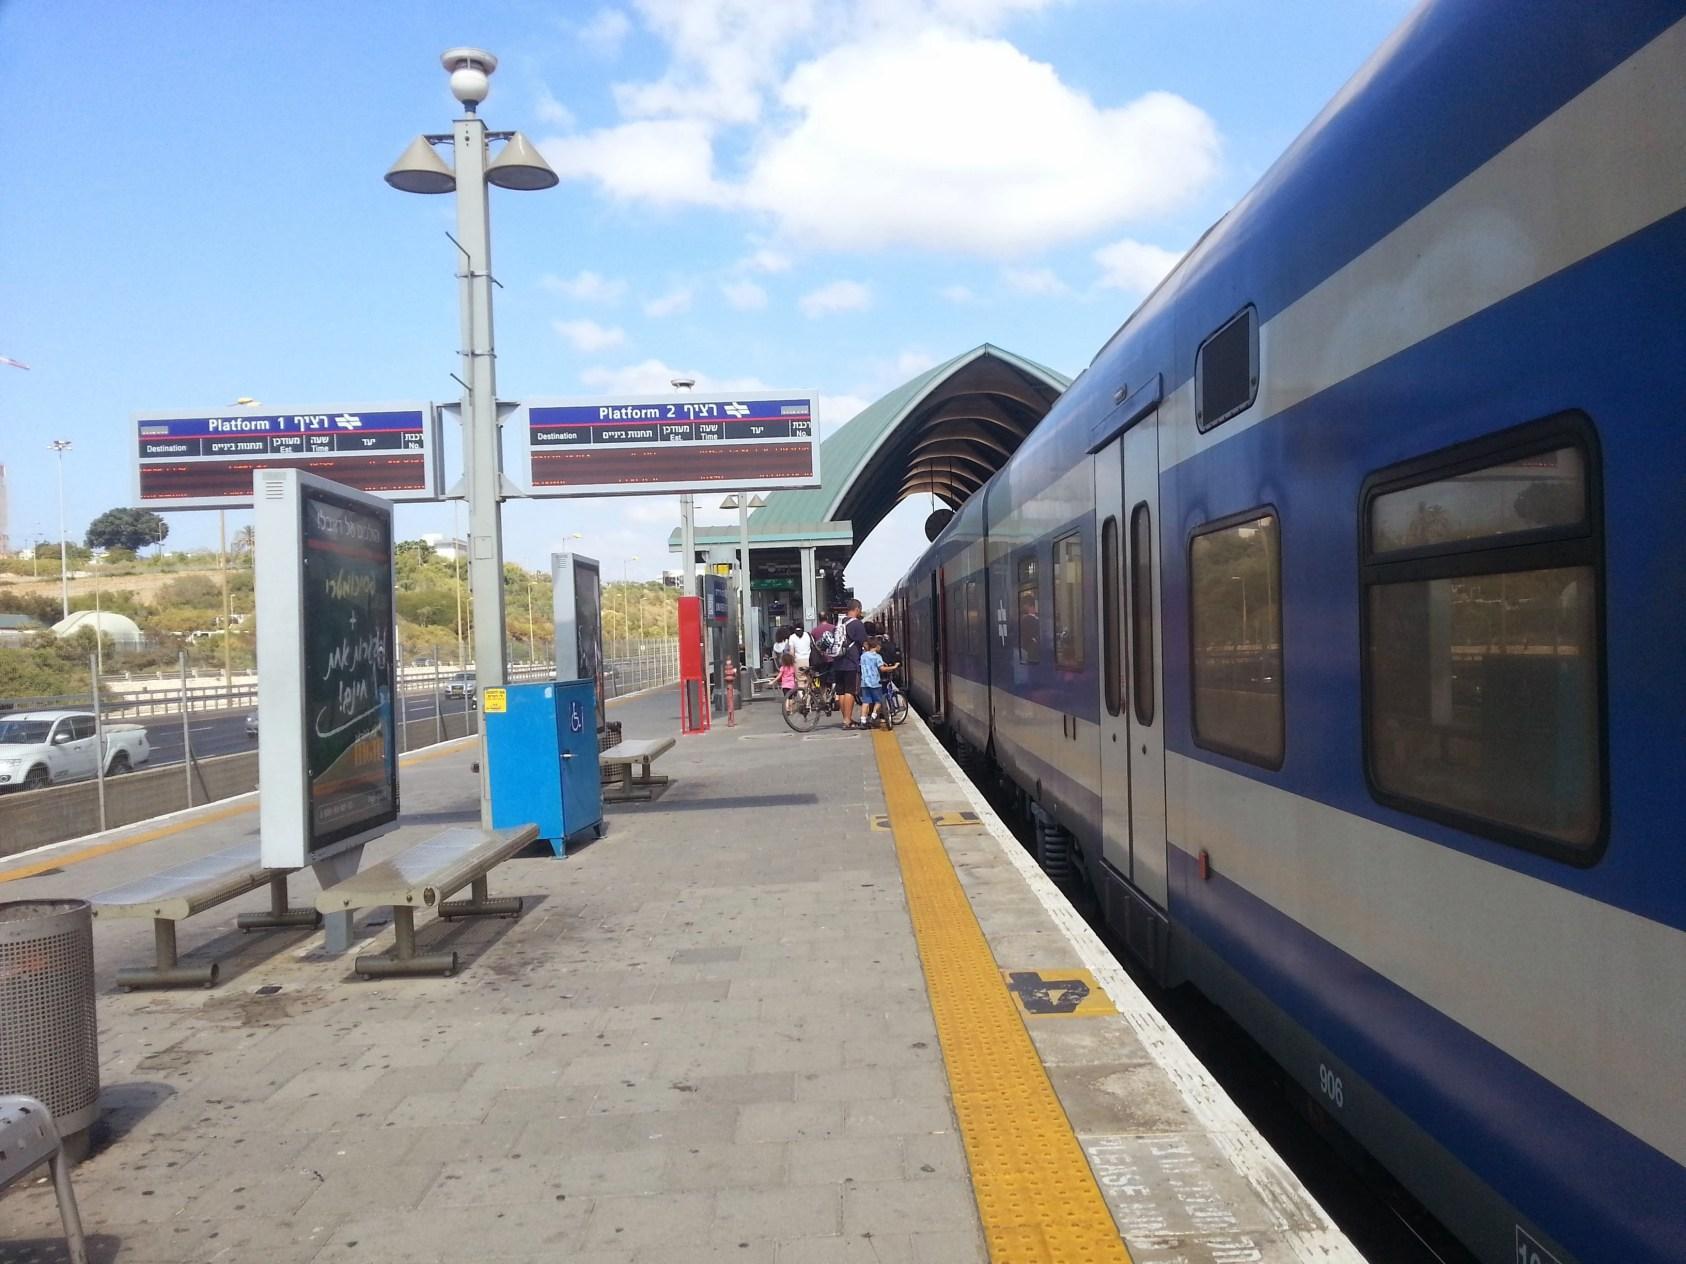 עוד תקלה - הרכבת עצרה בחדרה מערב הנוסעים יקבלו פיצוי